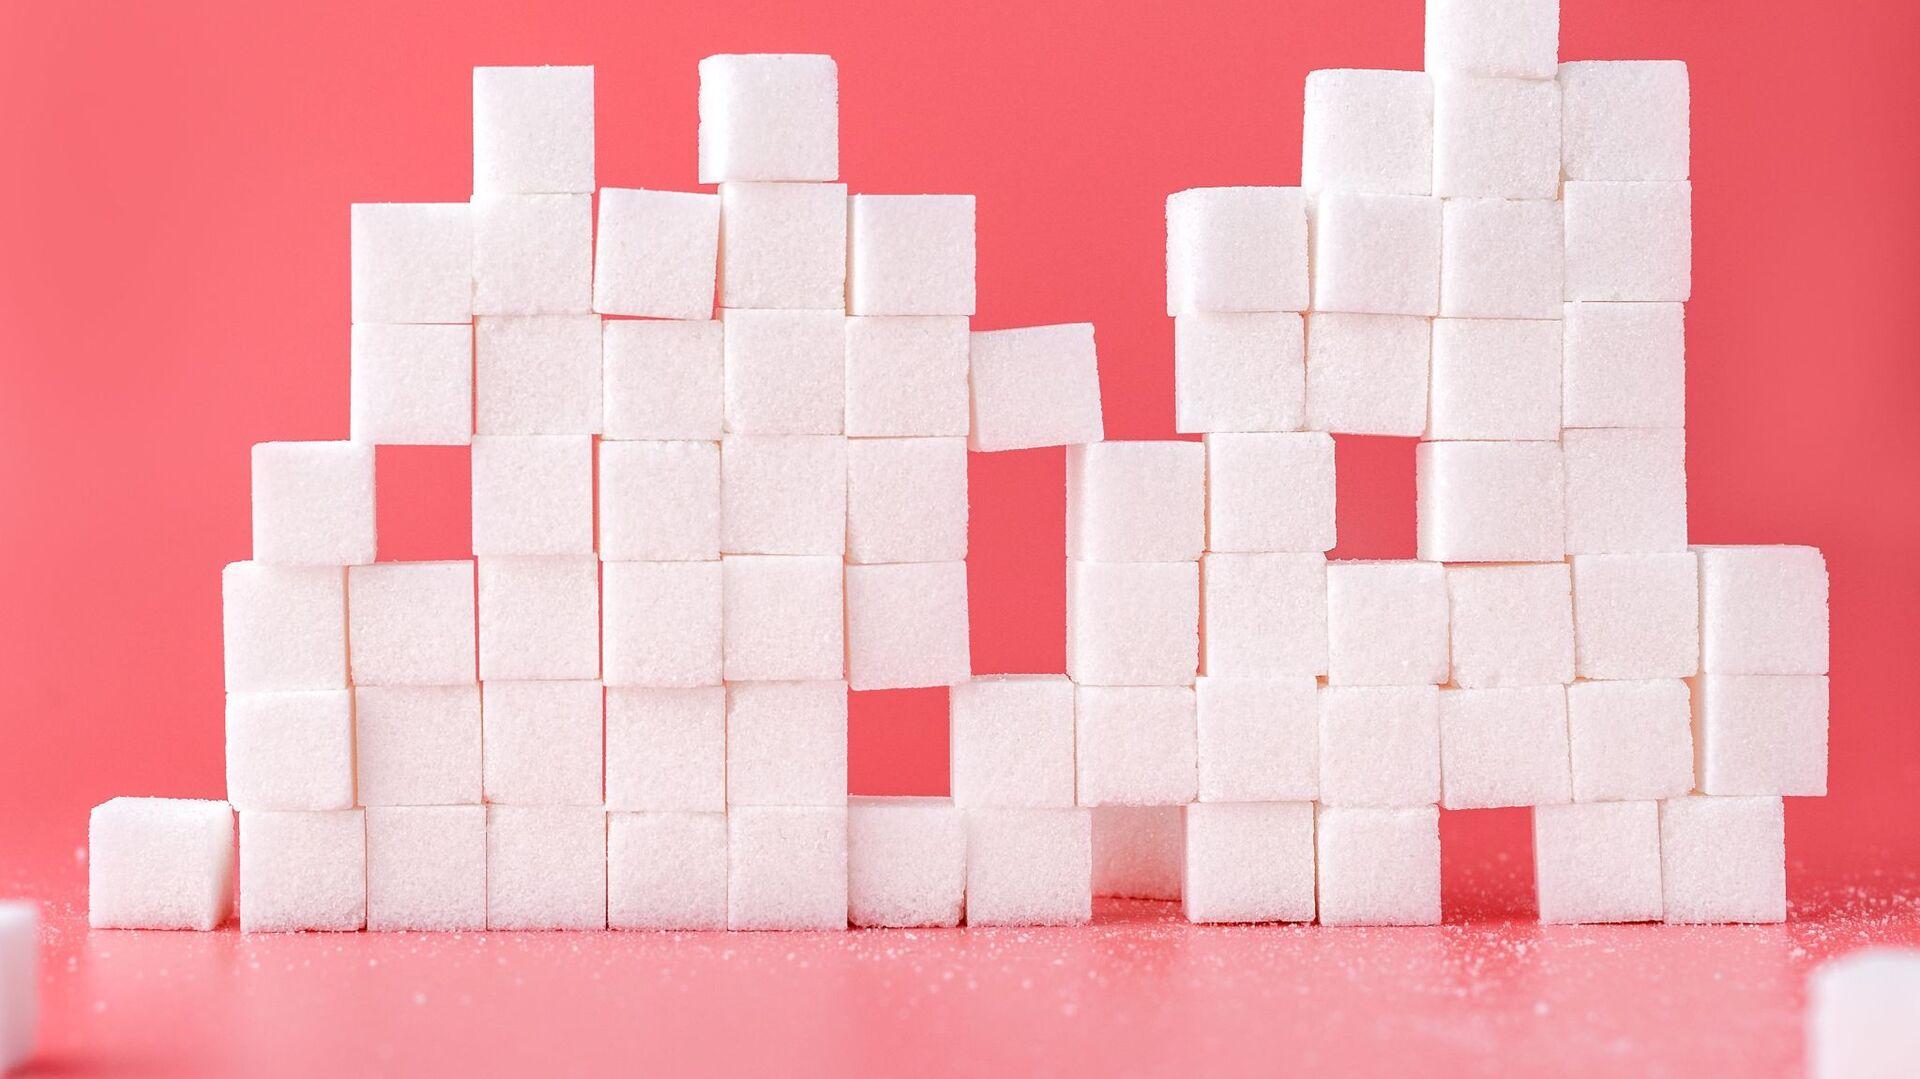 Azúcar blanco - Sputnik Mundo, 1920, 05.09.2020